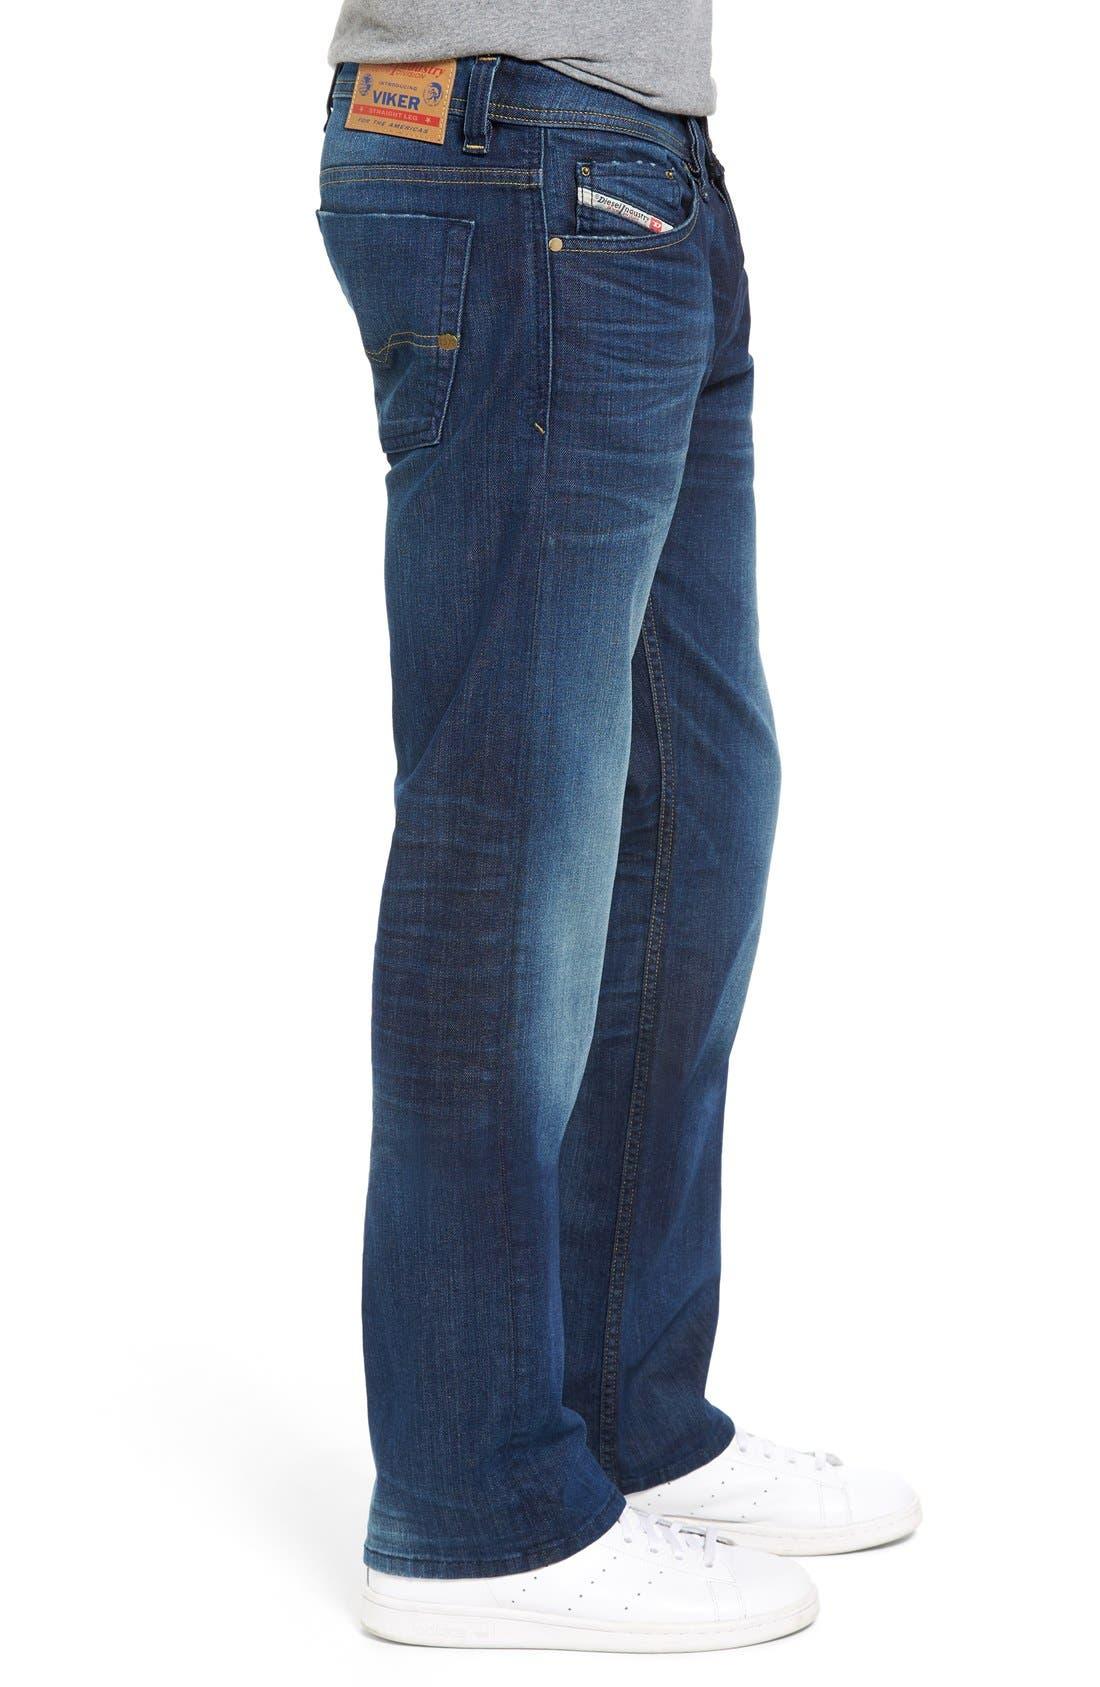 DIESEL Viker Straight Leg Jeans,                             Alternate thumbnail 4, color,                             400